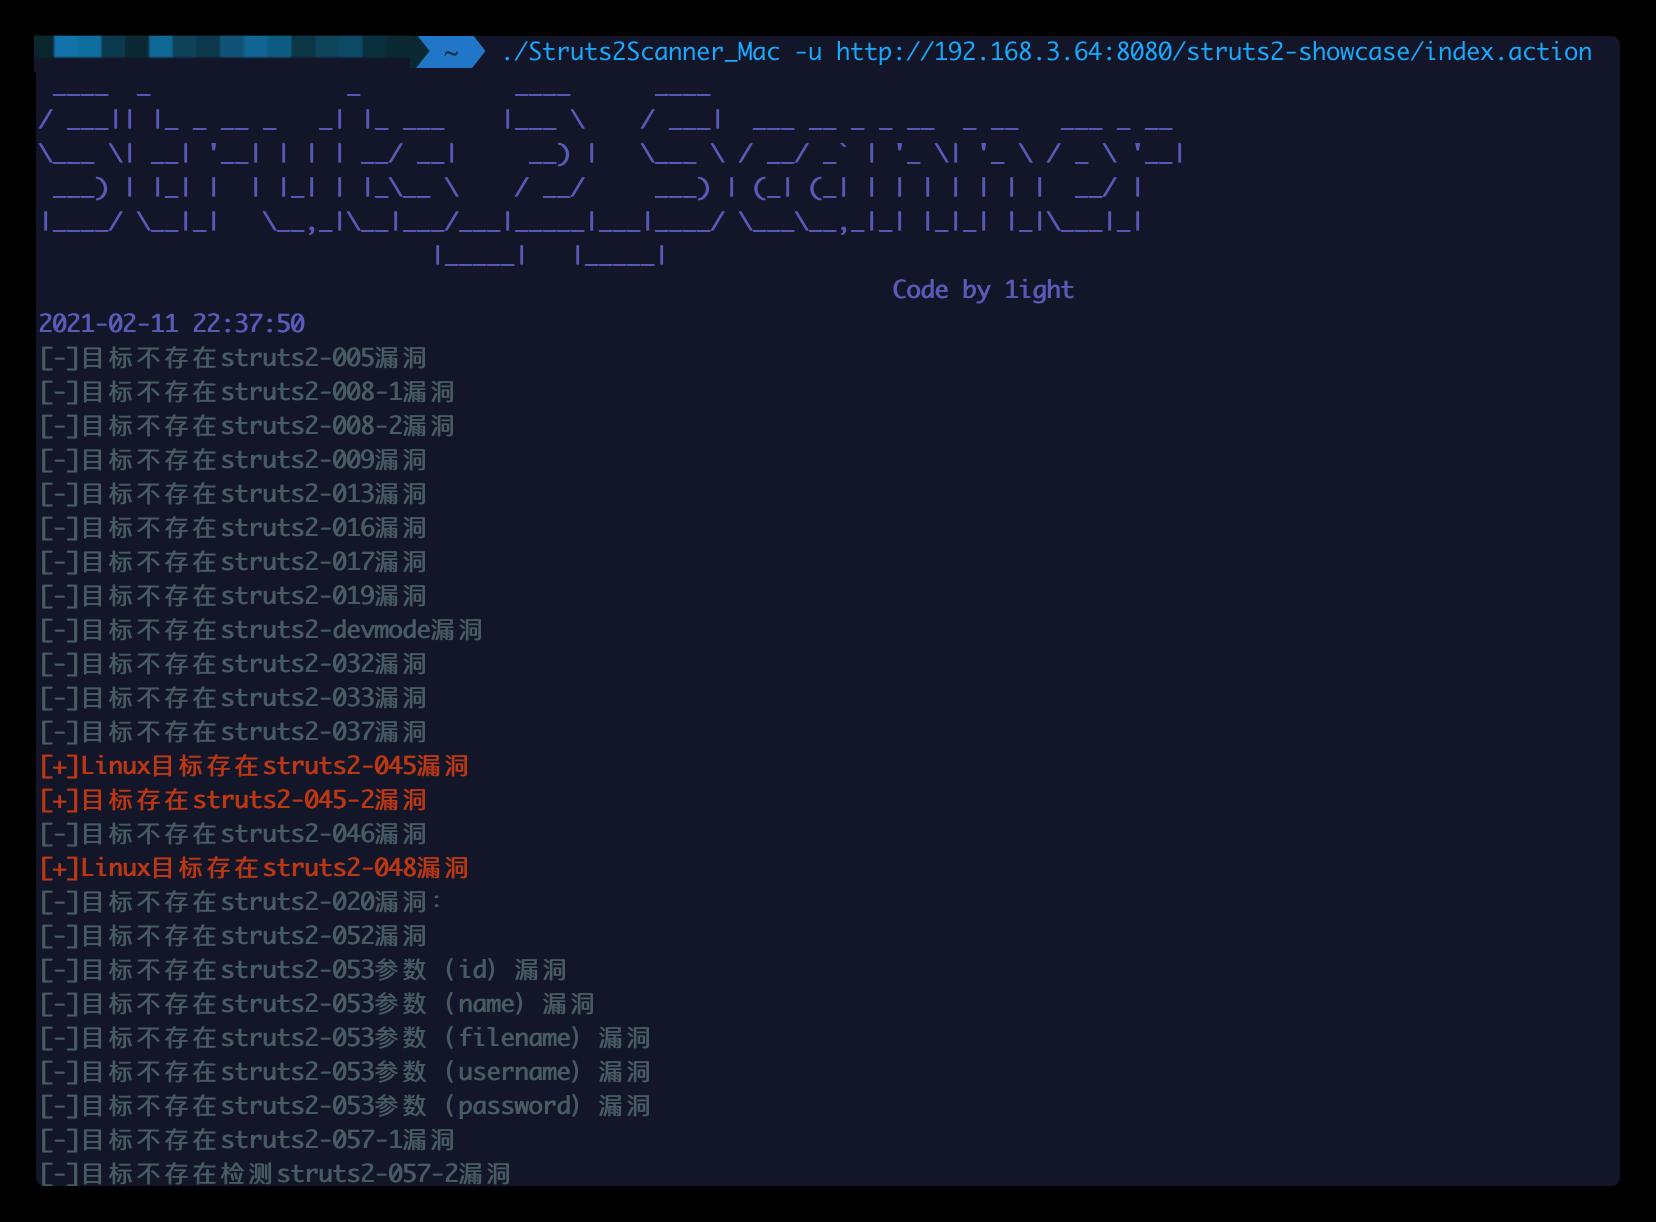 一款Golang编写的Struts2漏洞检测和利用工具